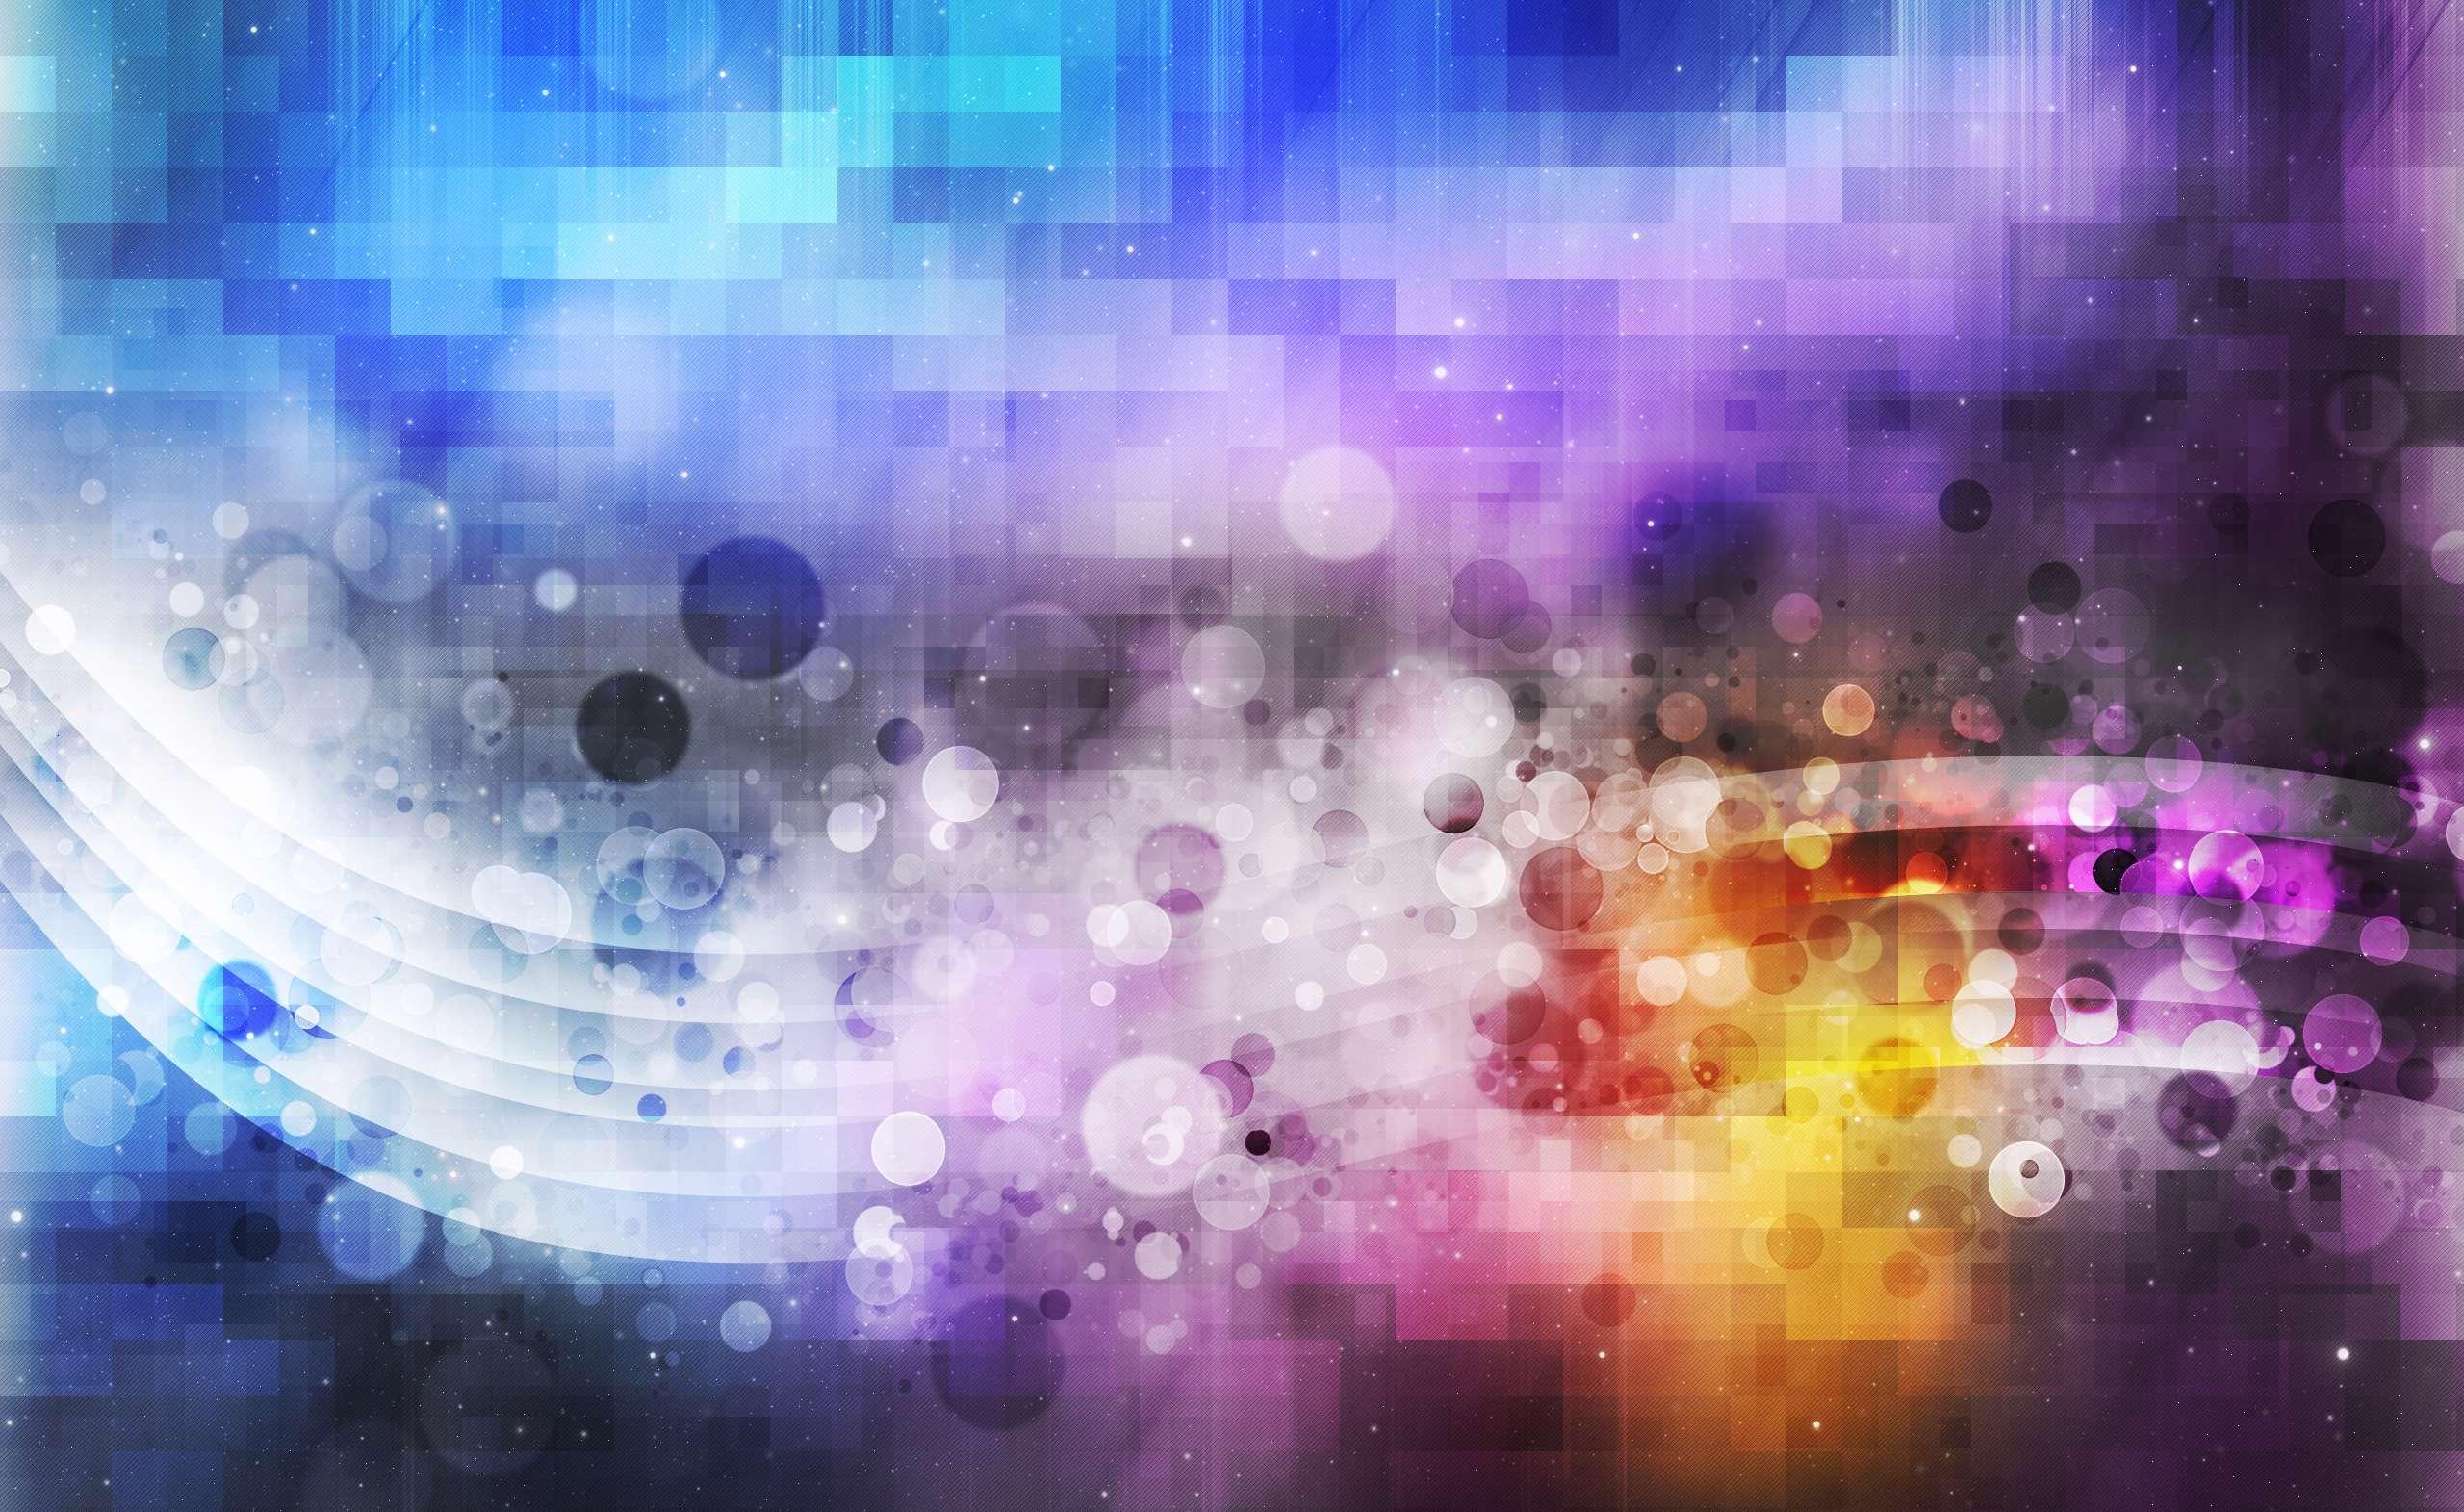 دانلود تصاویر لایه باز بک گراند مواج وب